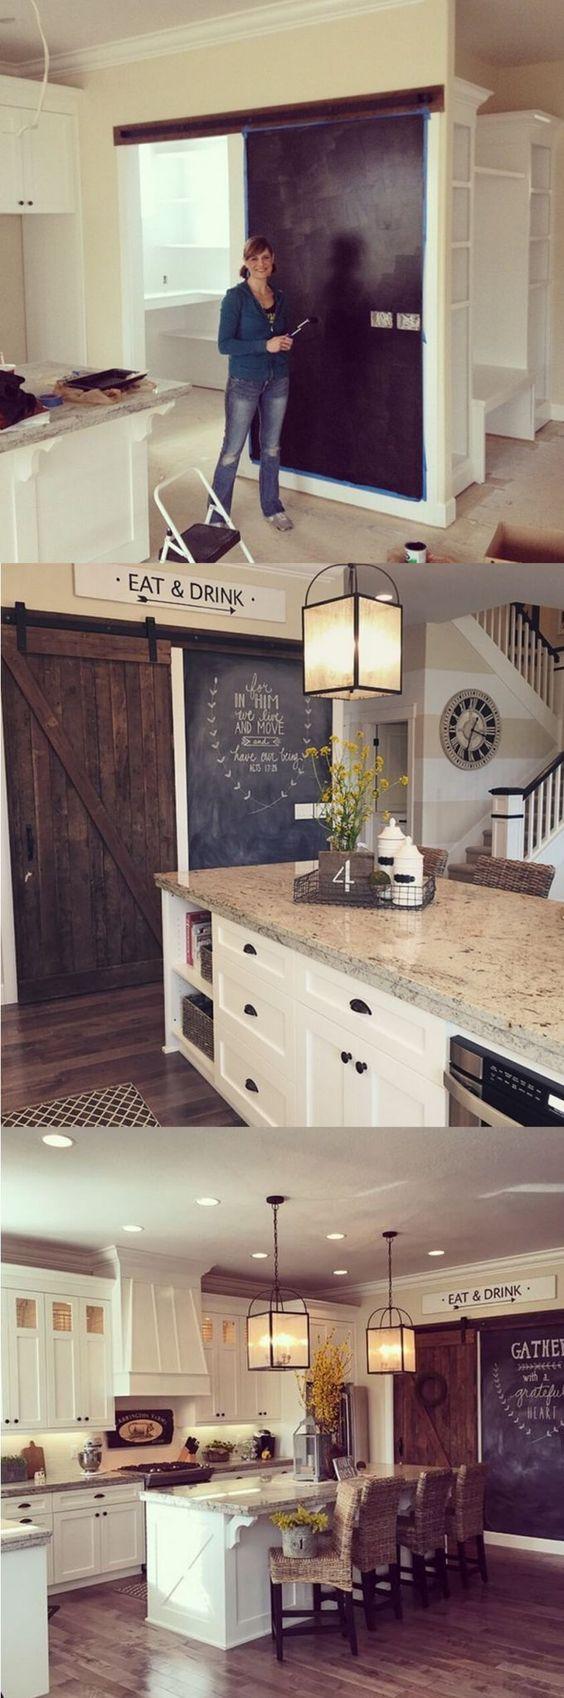 35 ideas transformar cocina una pared pizarra 32 decoracion de interiores fachadas para - Pared pizarra cocina ...